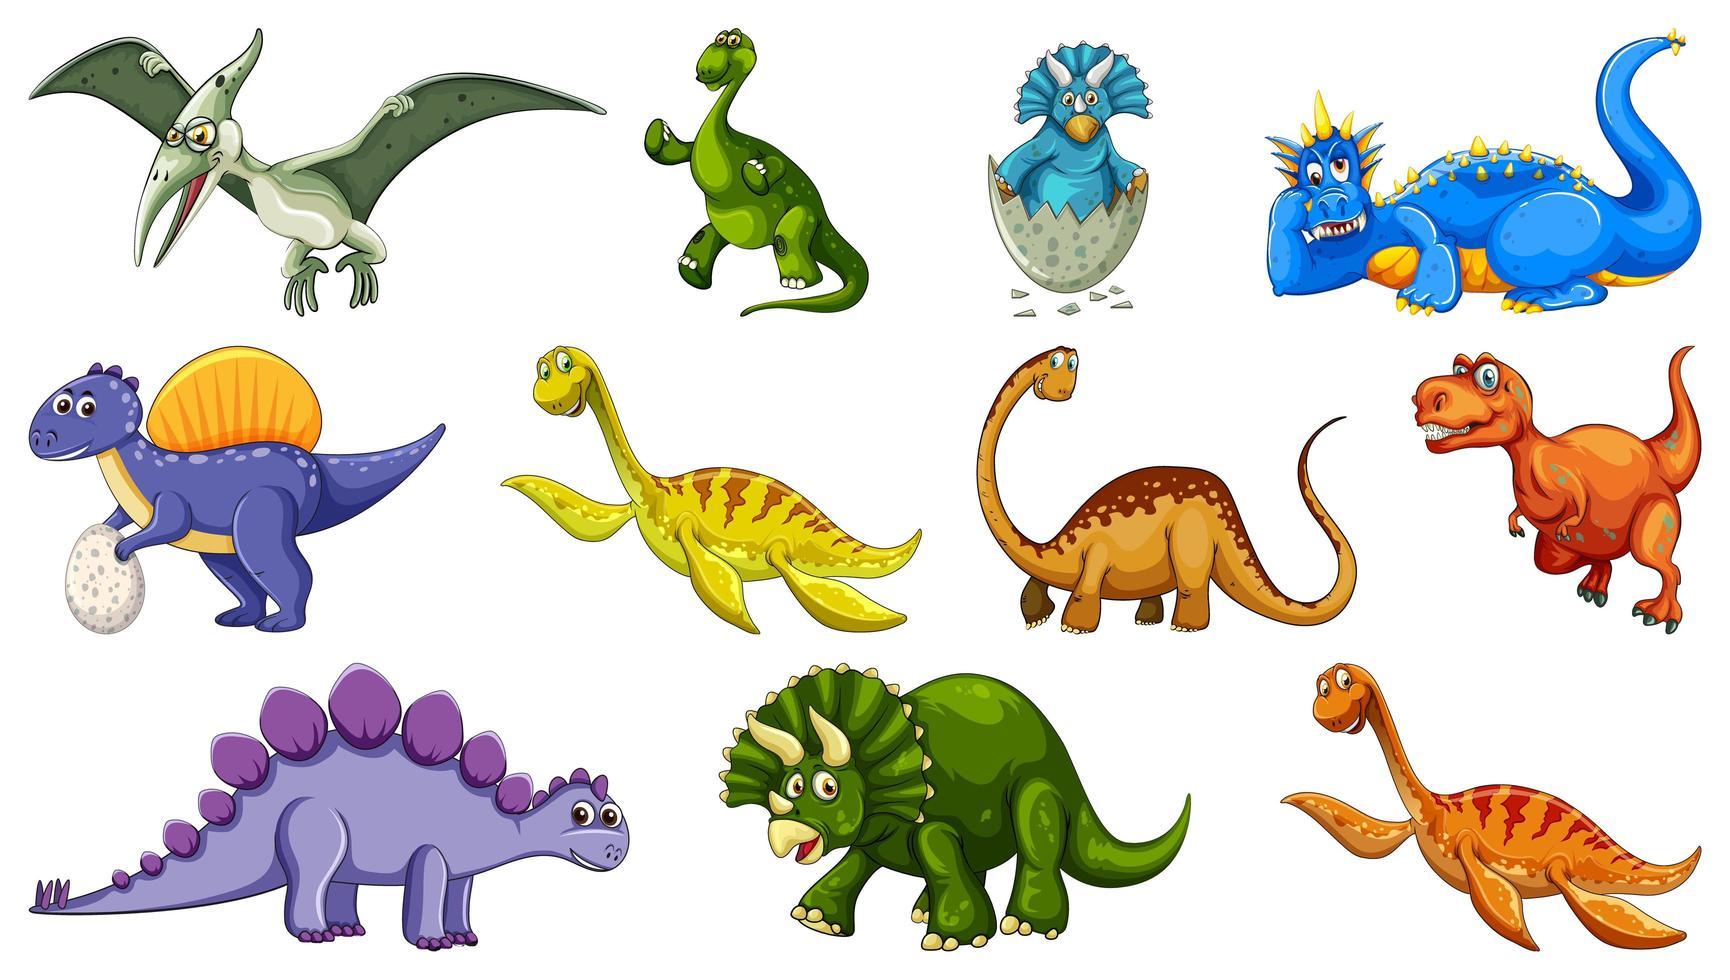 uppsättning av olika dinosaurie seriefigurer isolerad på vit bakgrund vektor